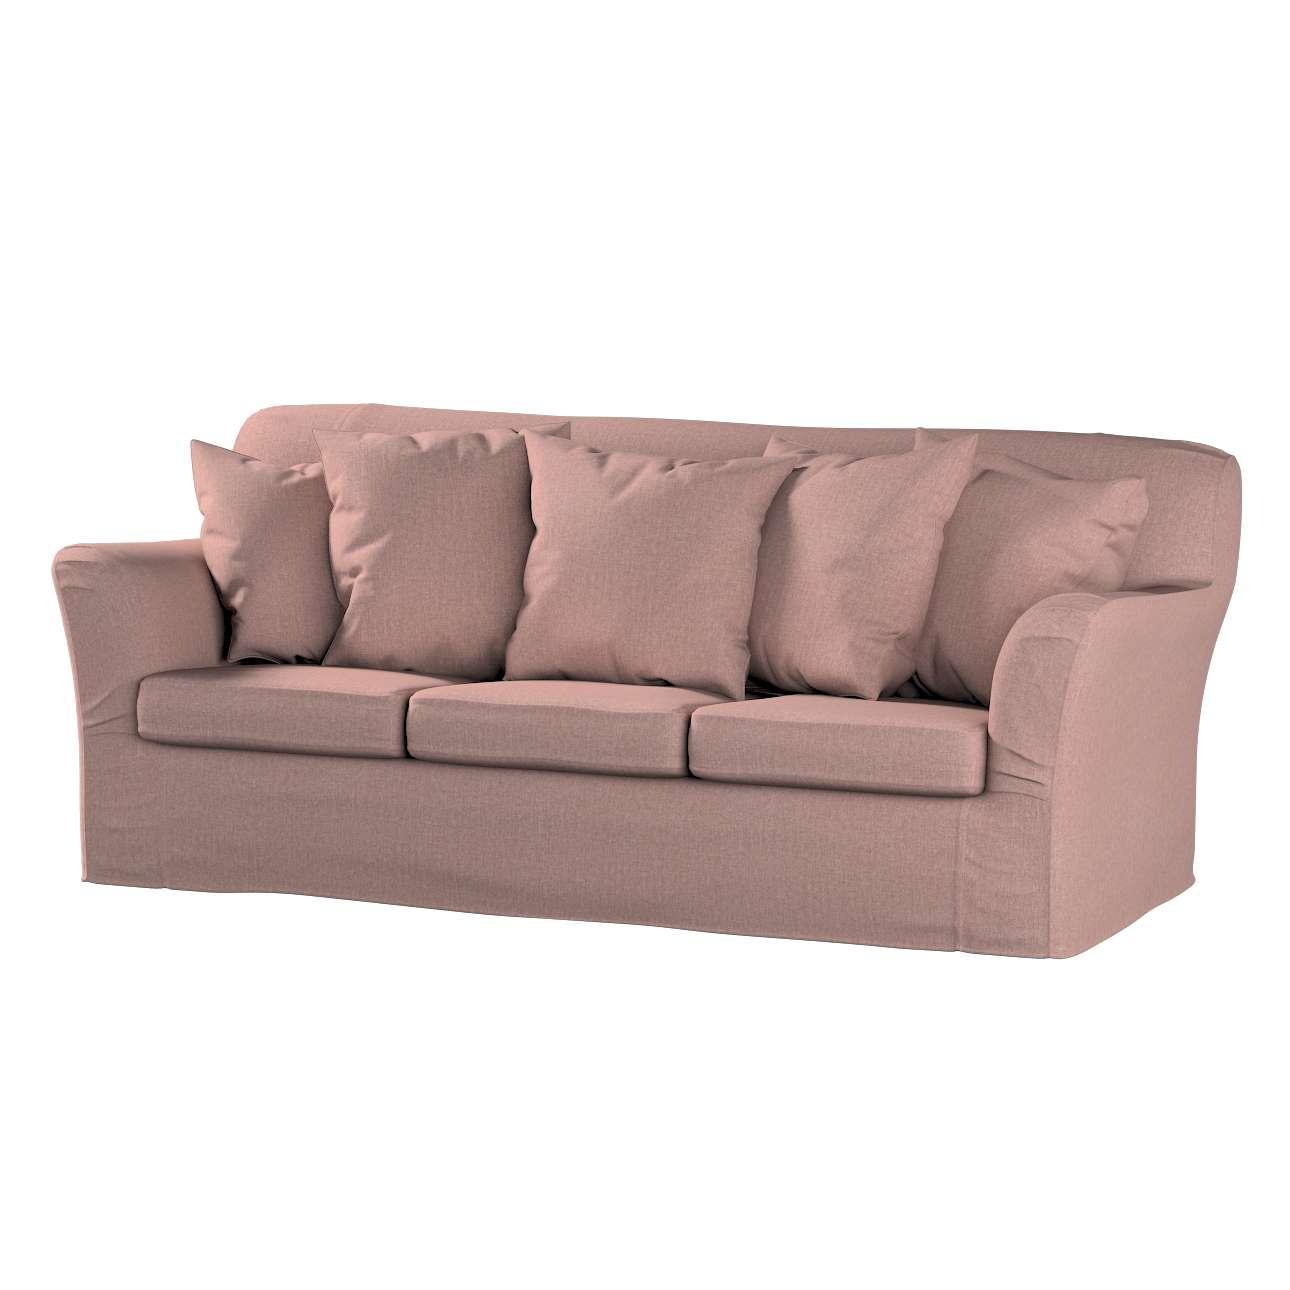 Pokrowiec na sofę Tomelilla 3-osobową nierozkładaną w kolekcji City, tkanina: 704-83